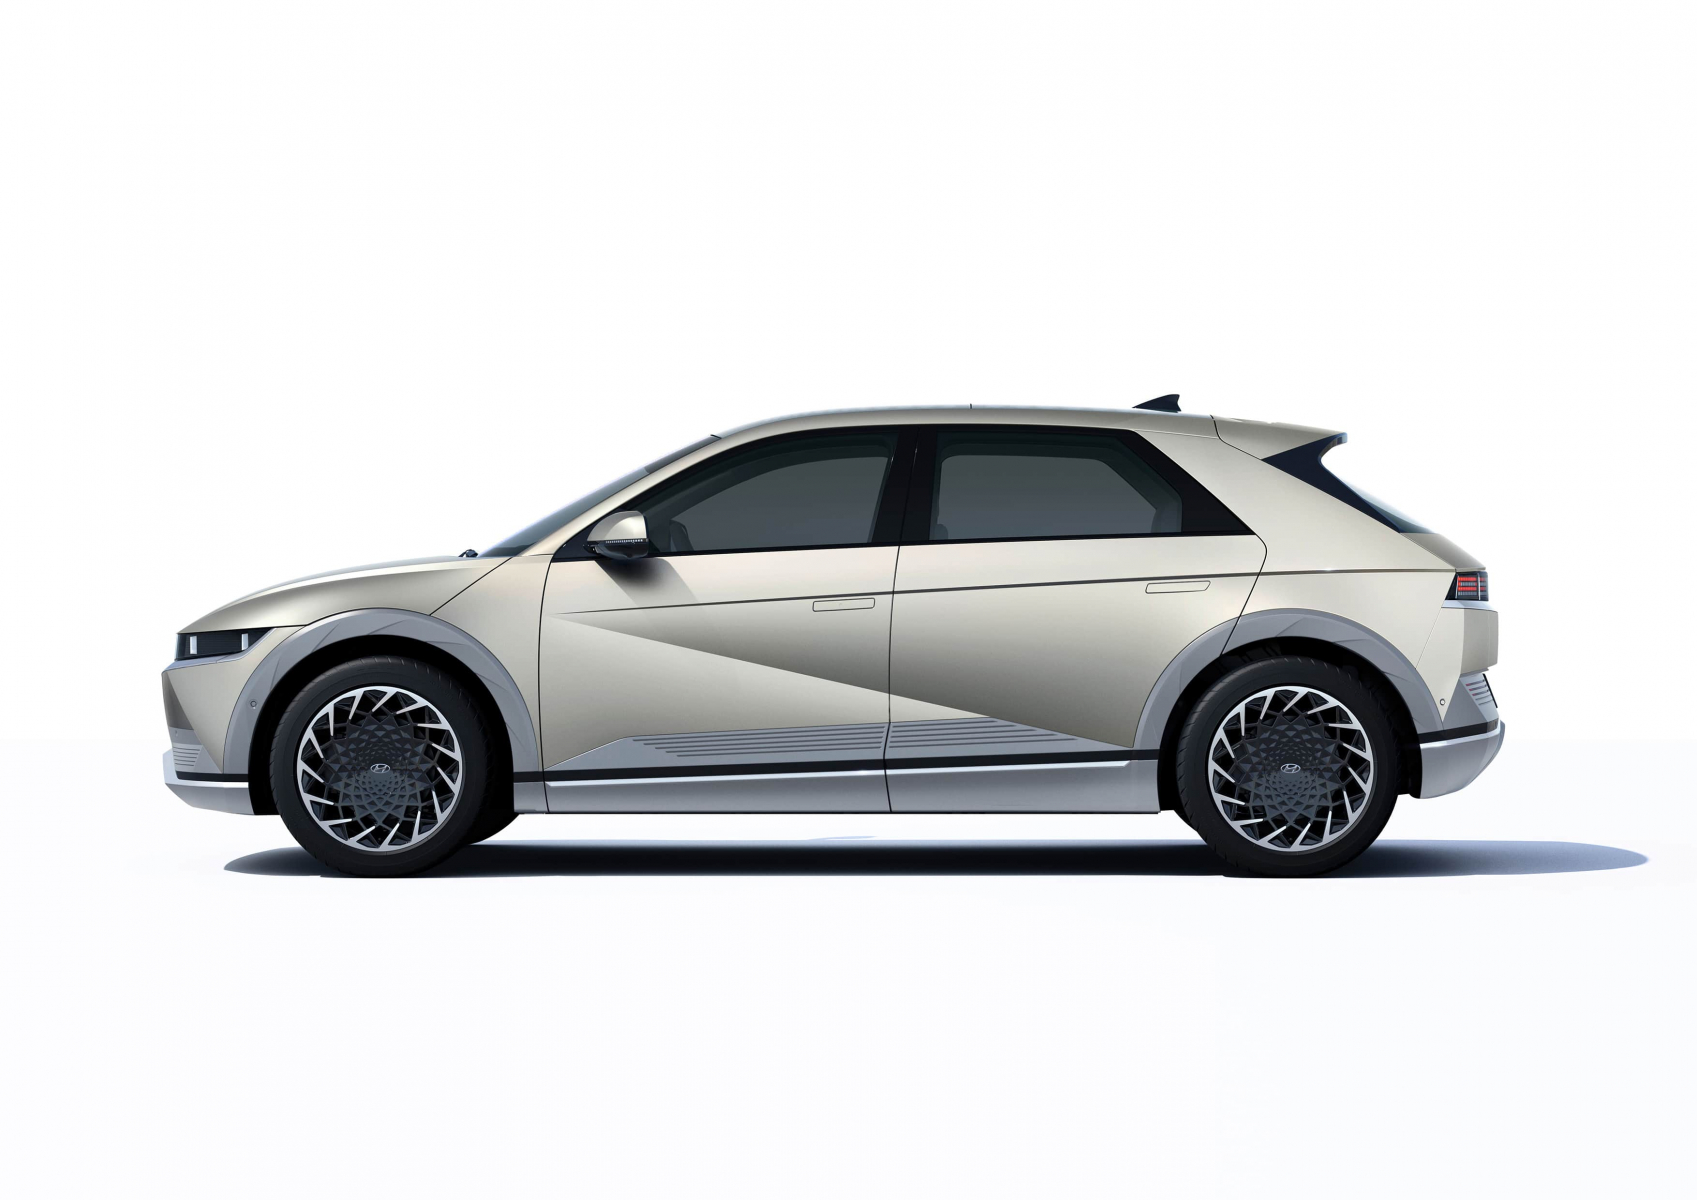 Hyundai IONIQ 5 переосмислює спосіб життя з електричною мобільністю   ТОВ «Хюндай Центр Полтава» - фото 12